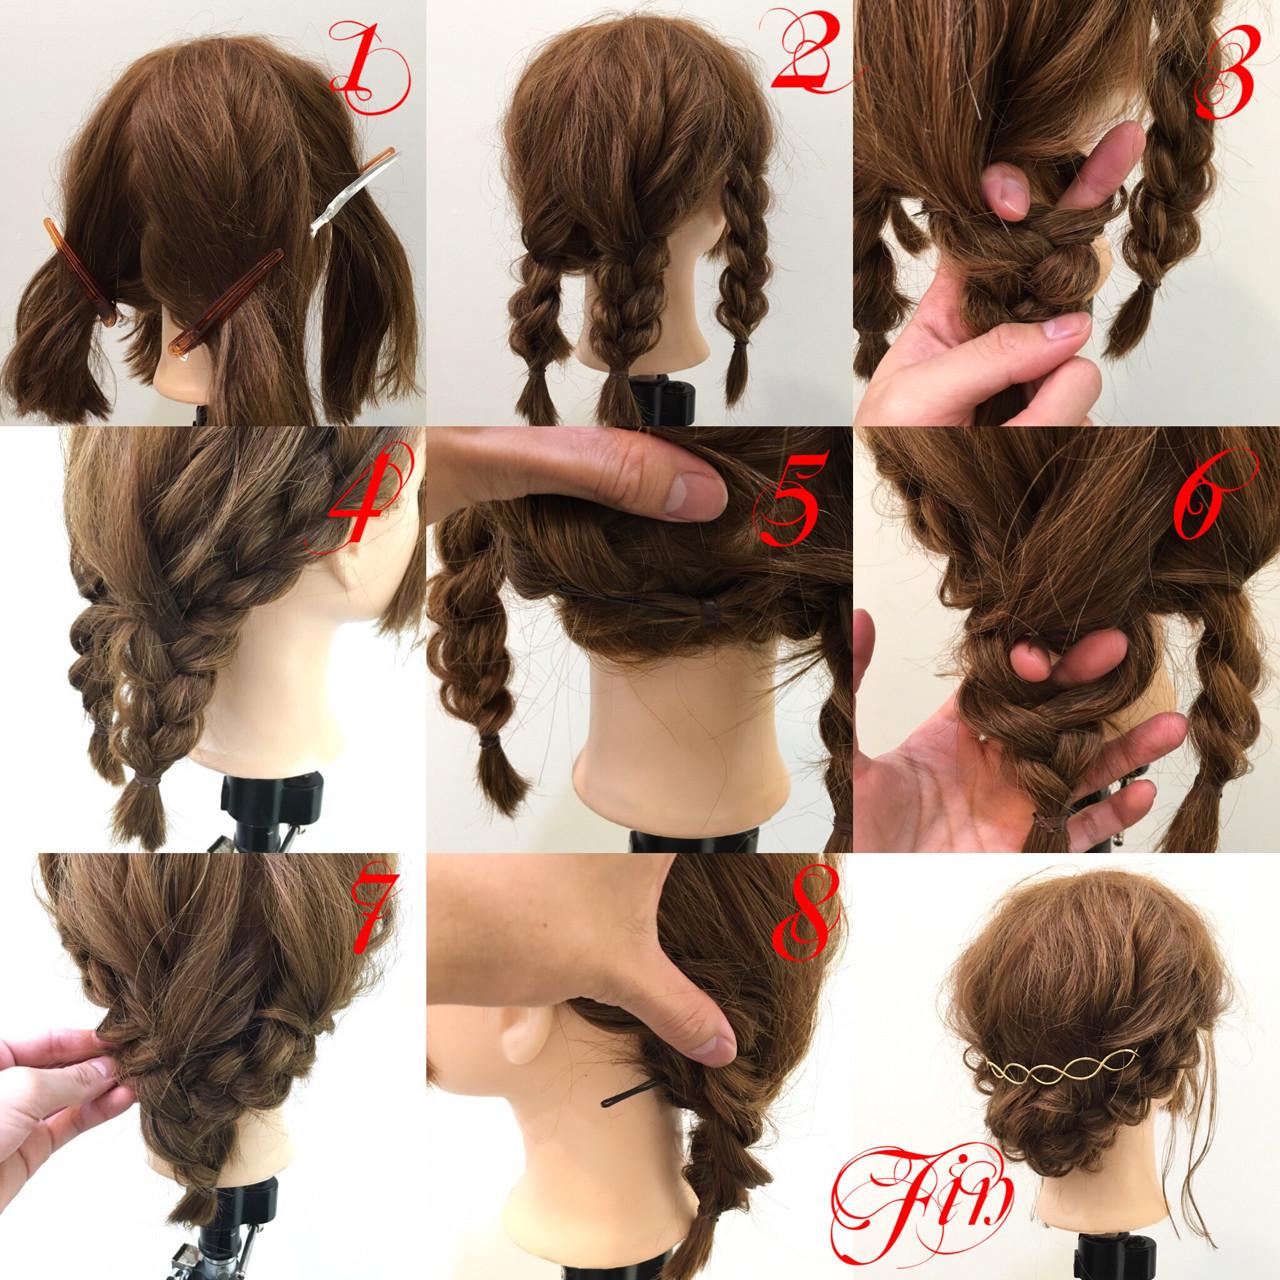 hiroki|hair